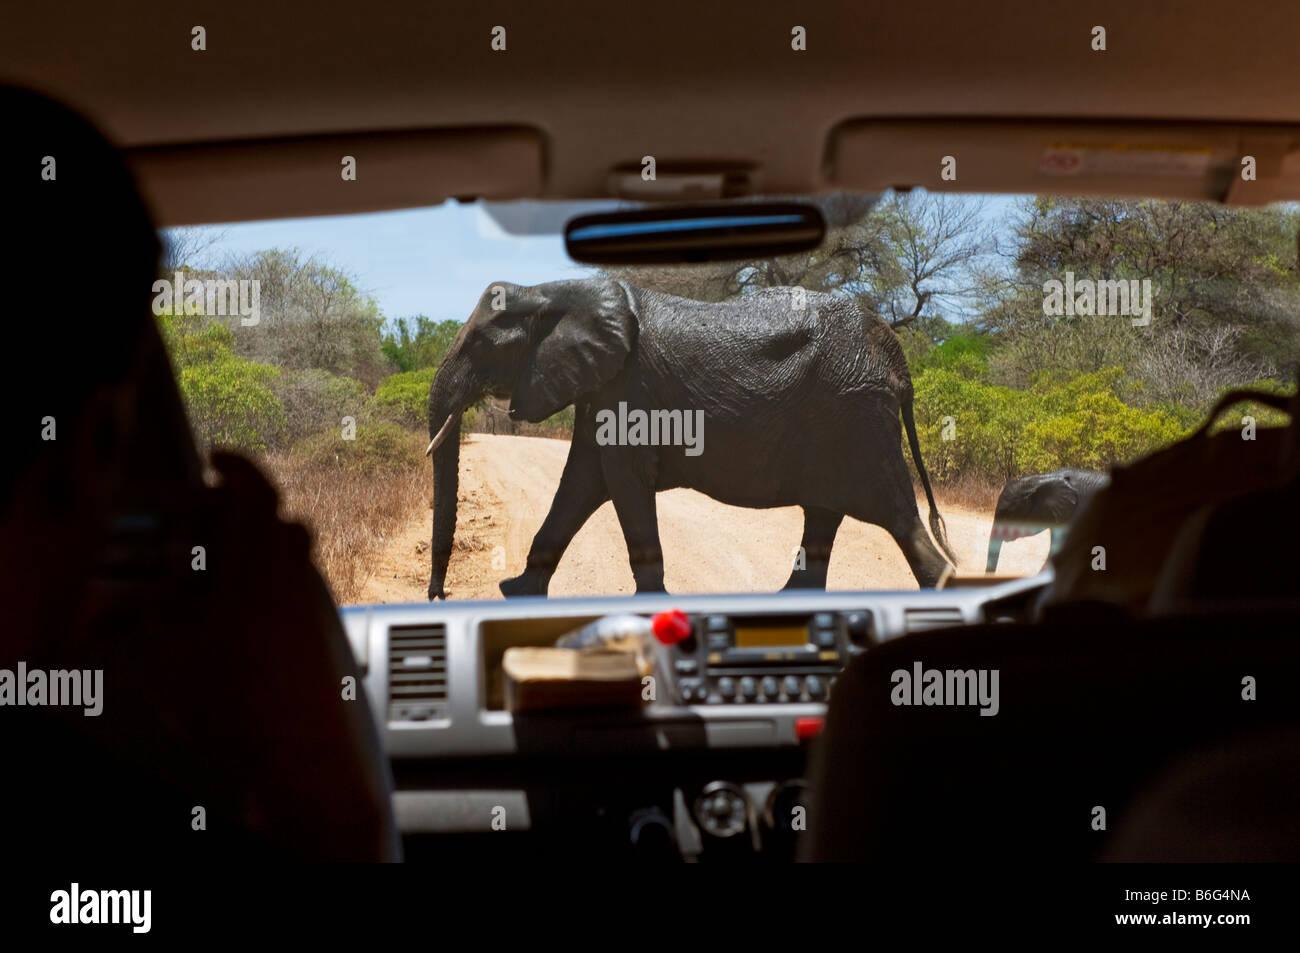 Elefant crossing juego paseo safari en Kruger NP KRÜGER, parque nacional de vehículos automóviles Imagen De Stock